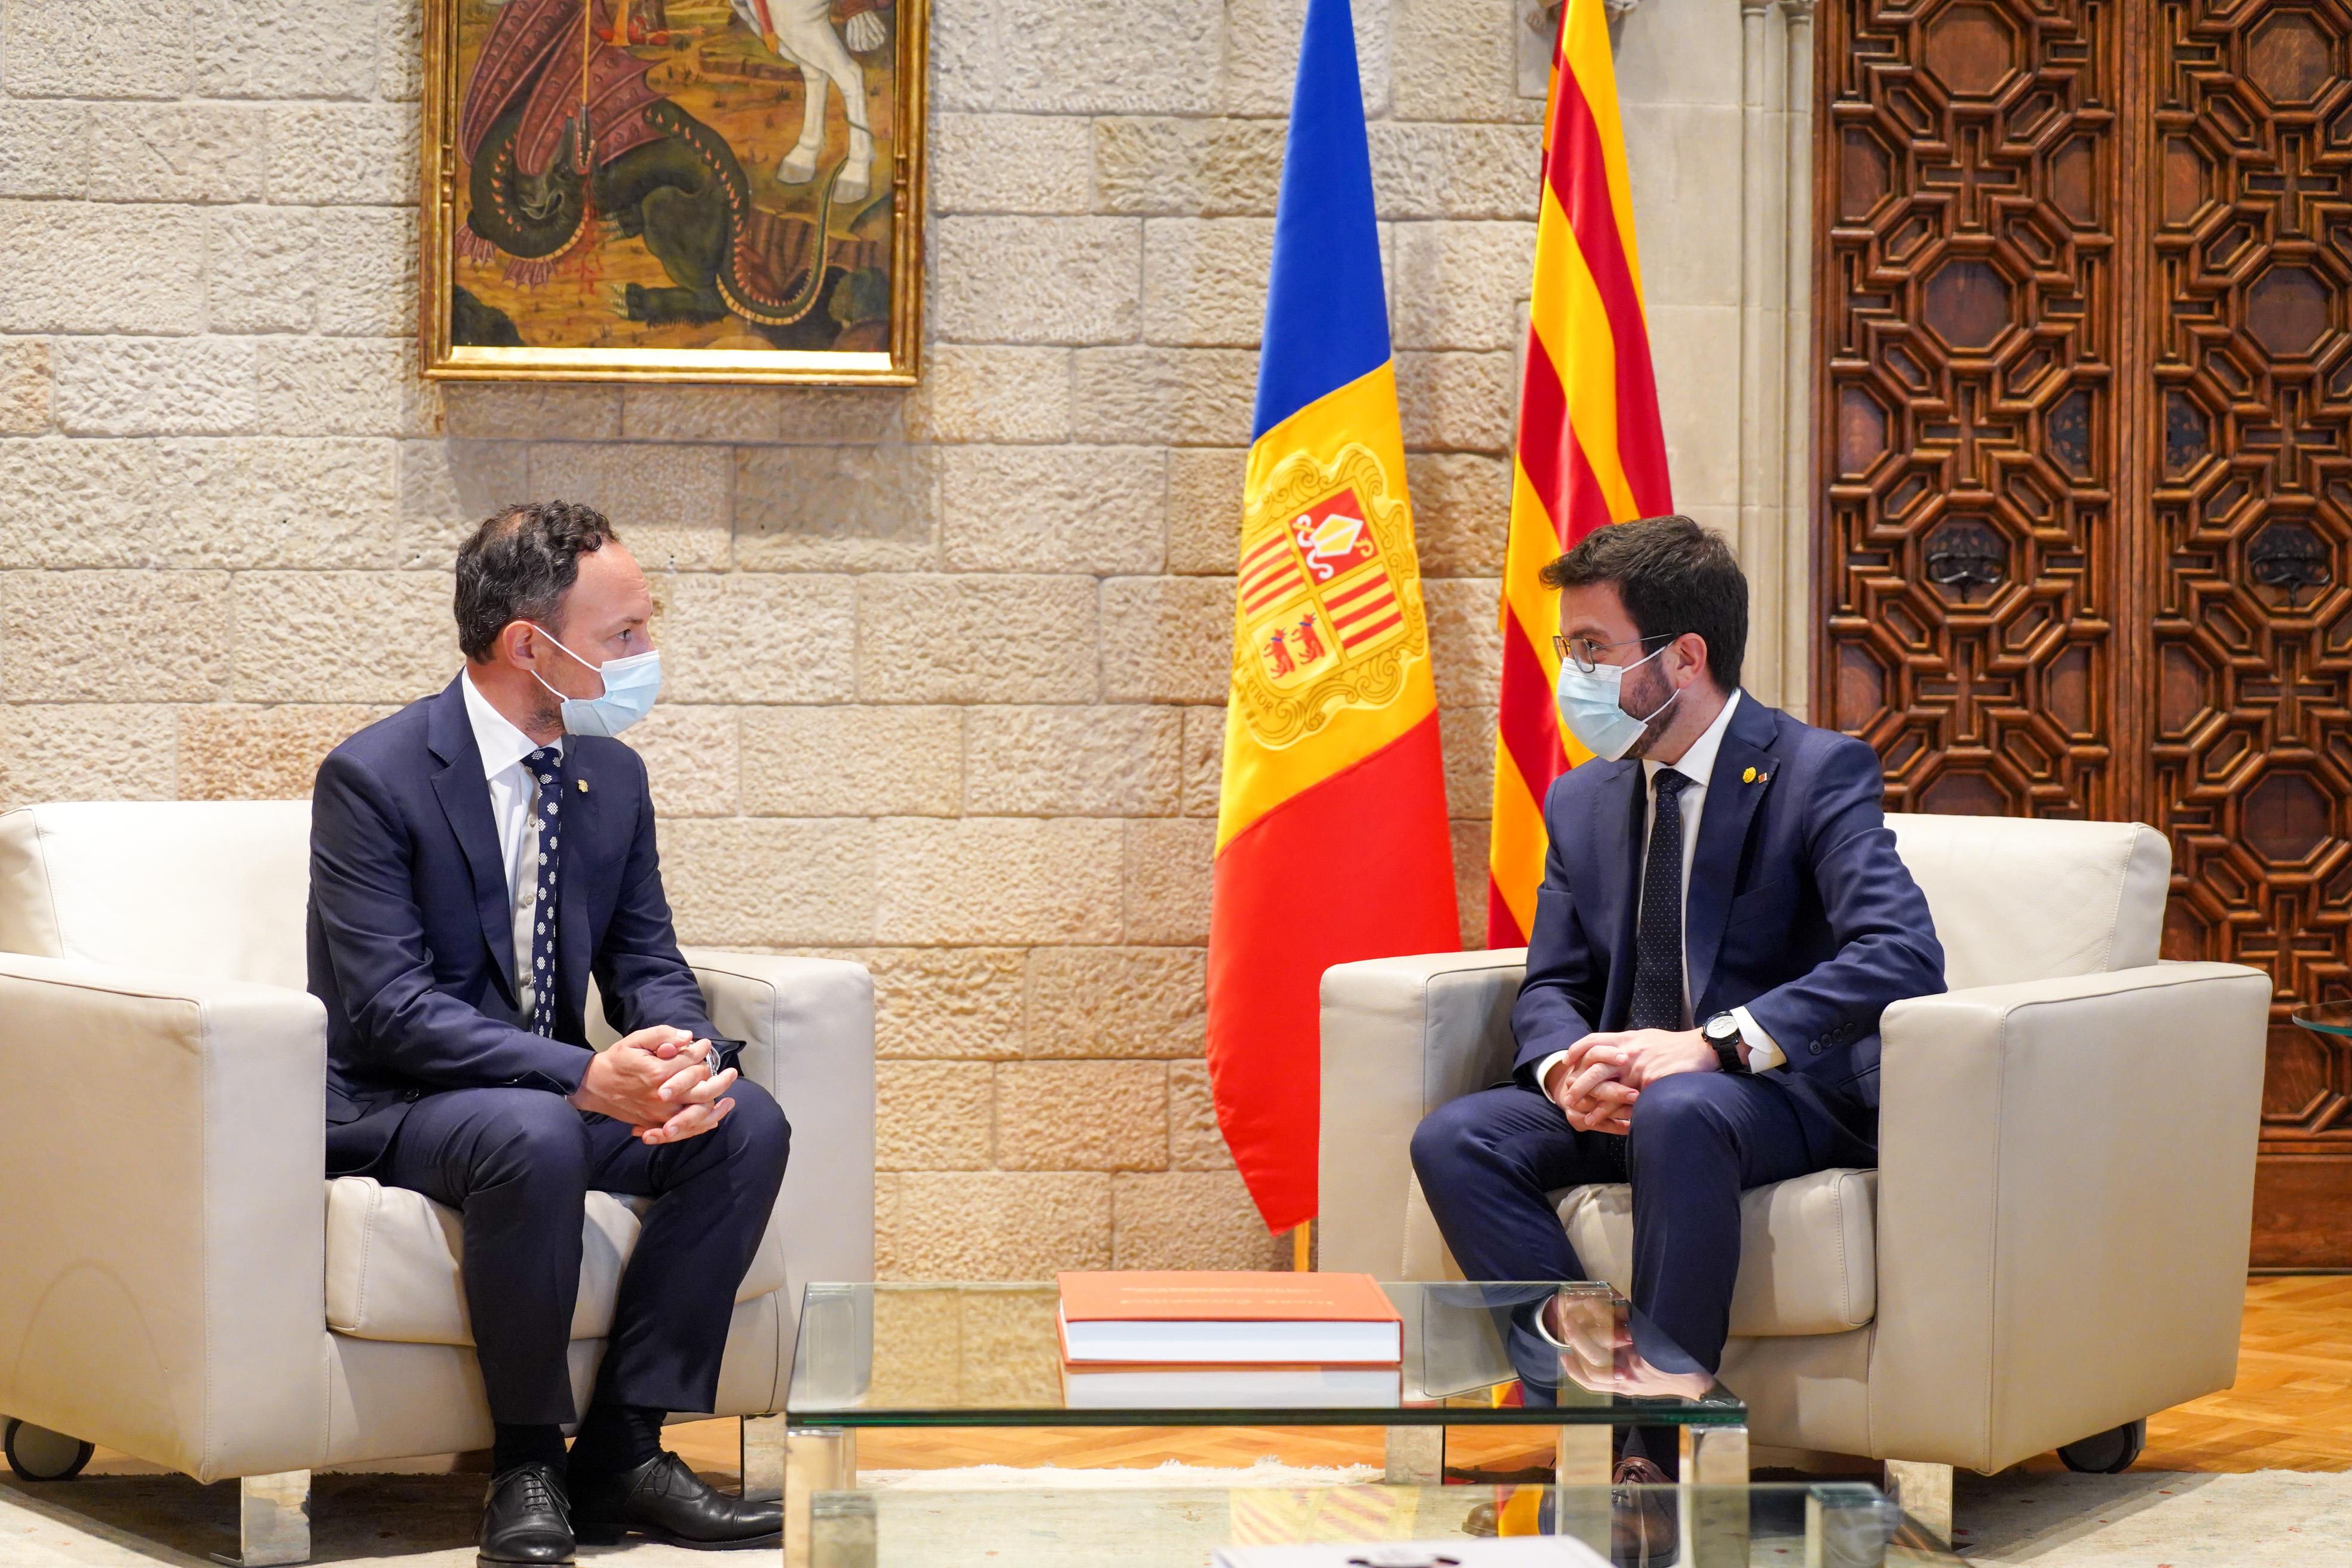 El president de la Generalitat i el cap del Govern d'Andorra, durant la reunió. Autor: Paco J. Muñoz